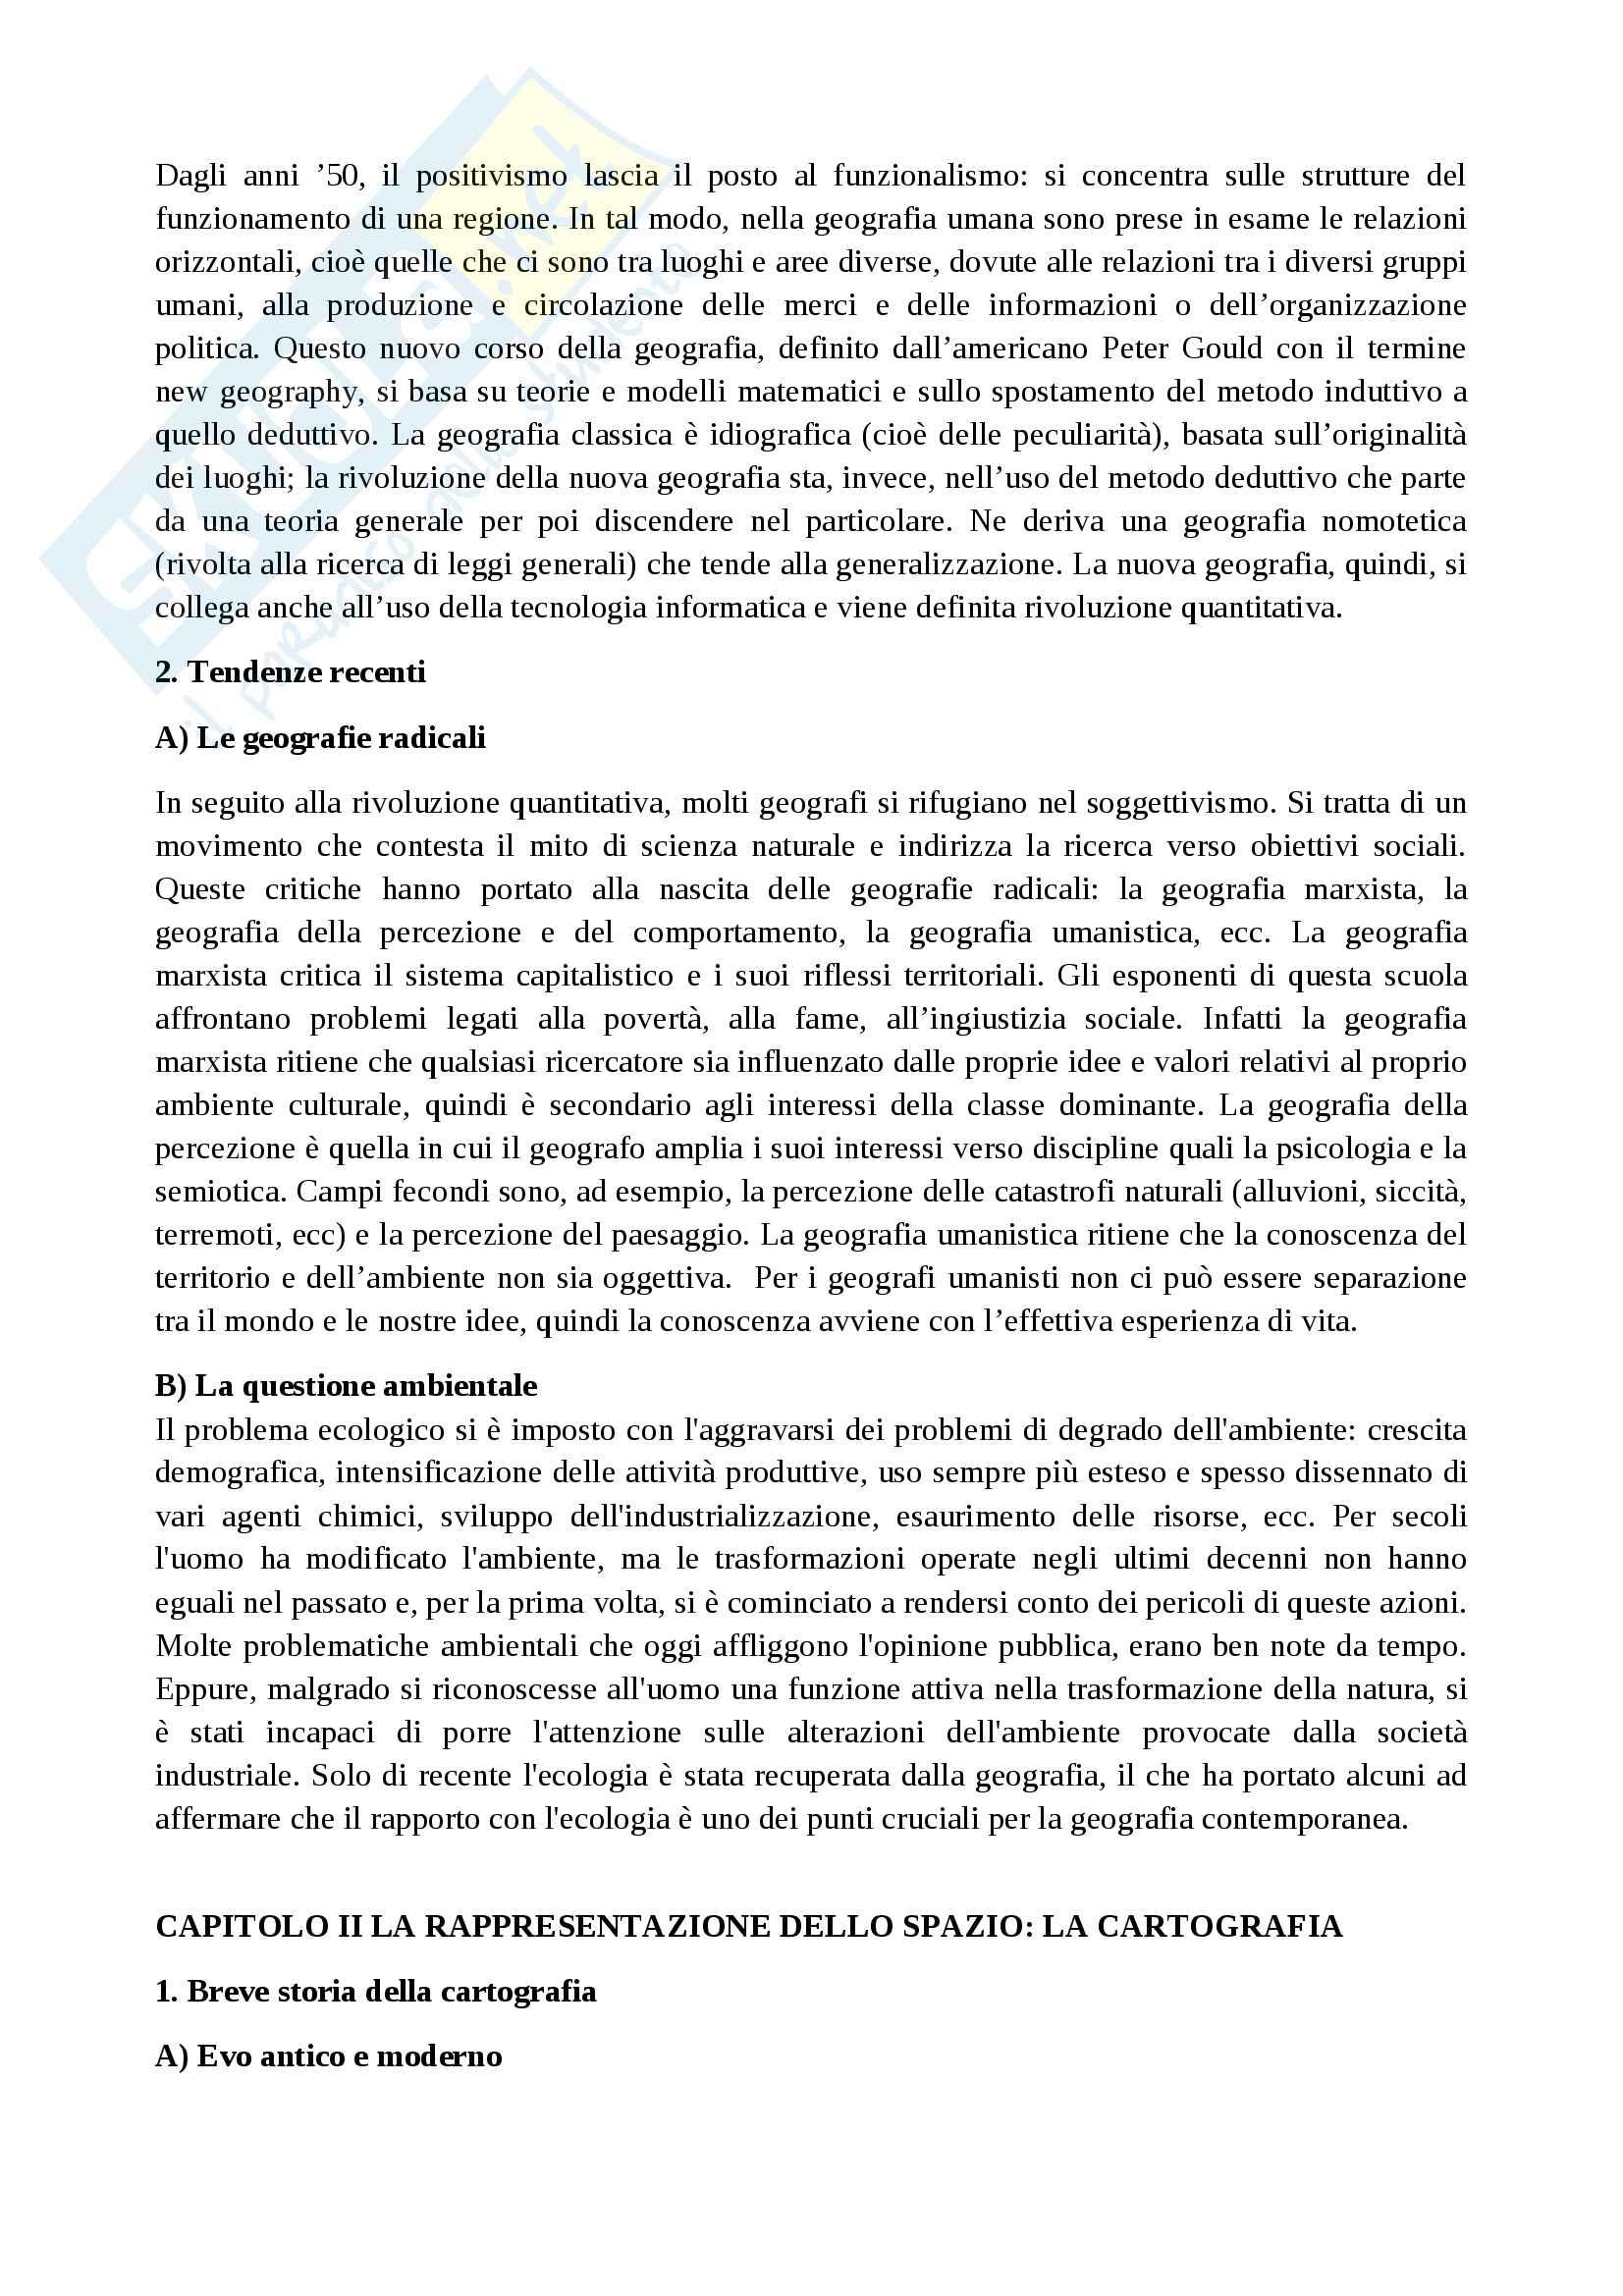 Riassunto esame Geografia umana, prof. Maury, libro consigliato Compendio di geografia umana, Dagradi-Cencini Pag. 2